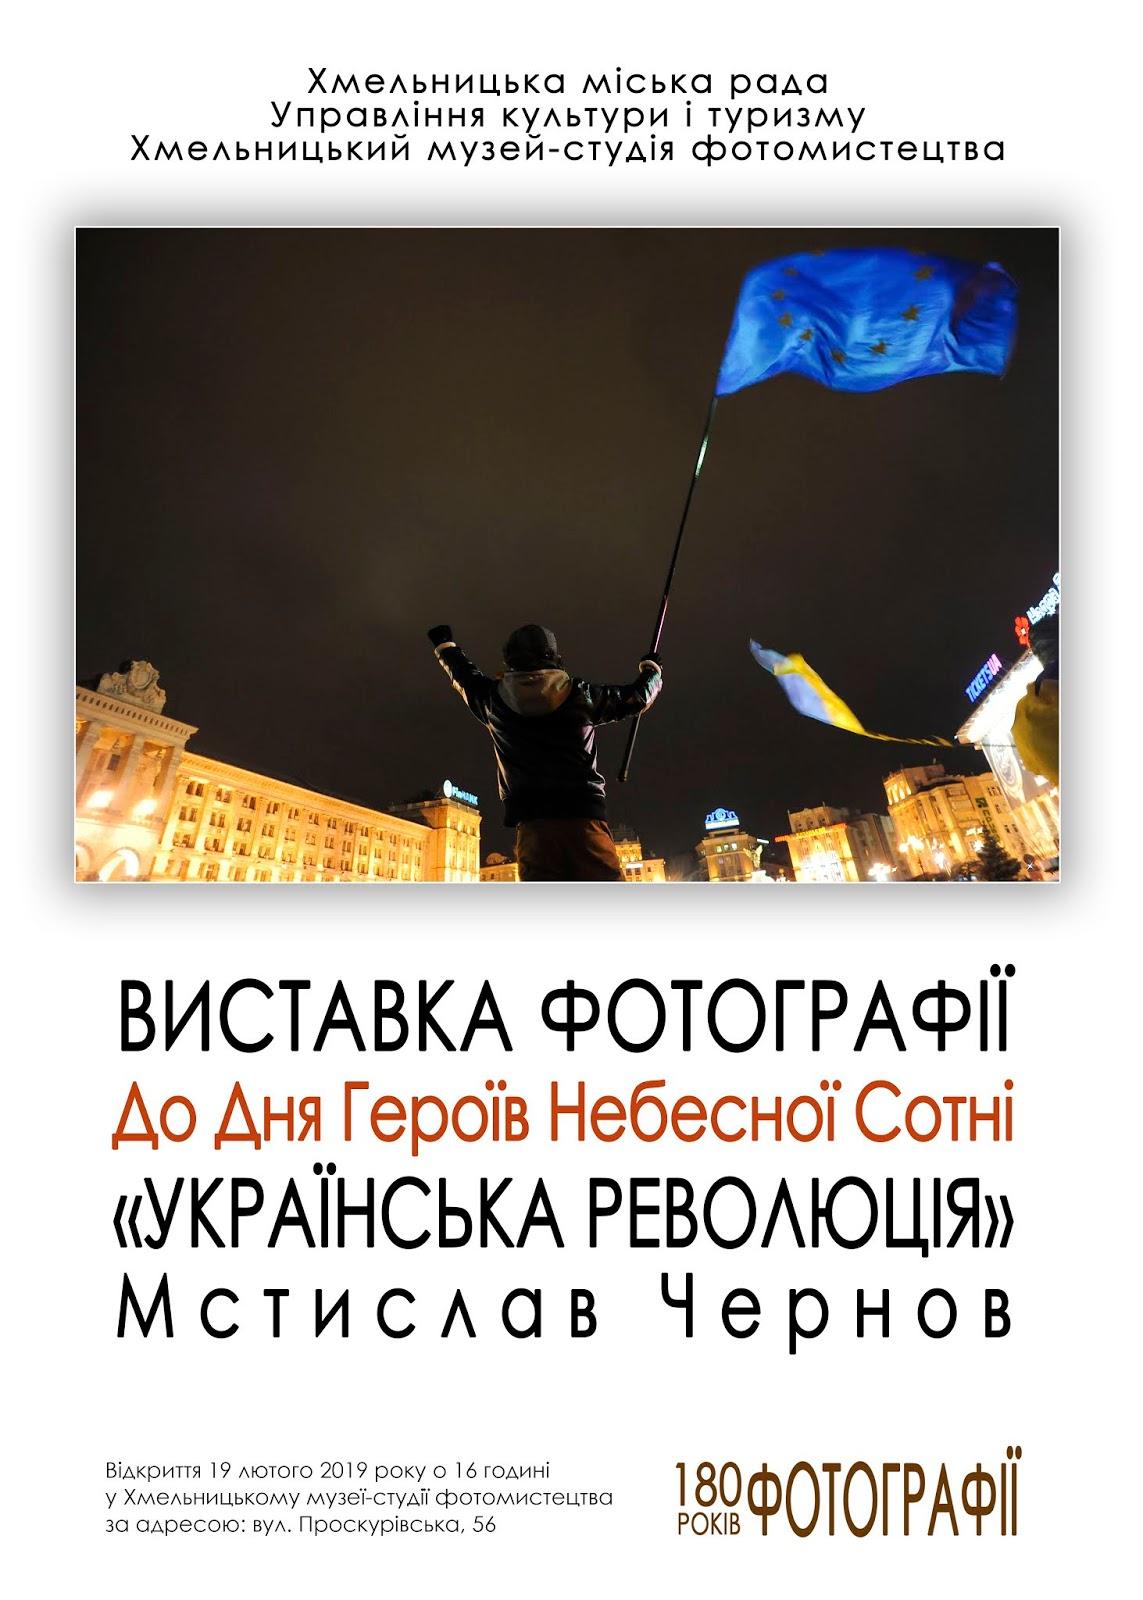 До Дня Героїв Небесної Сотні музей-студія фотомистецтва презентує виставку фотографій Мстислава Чернова.